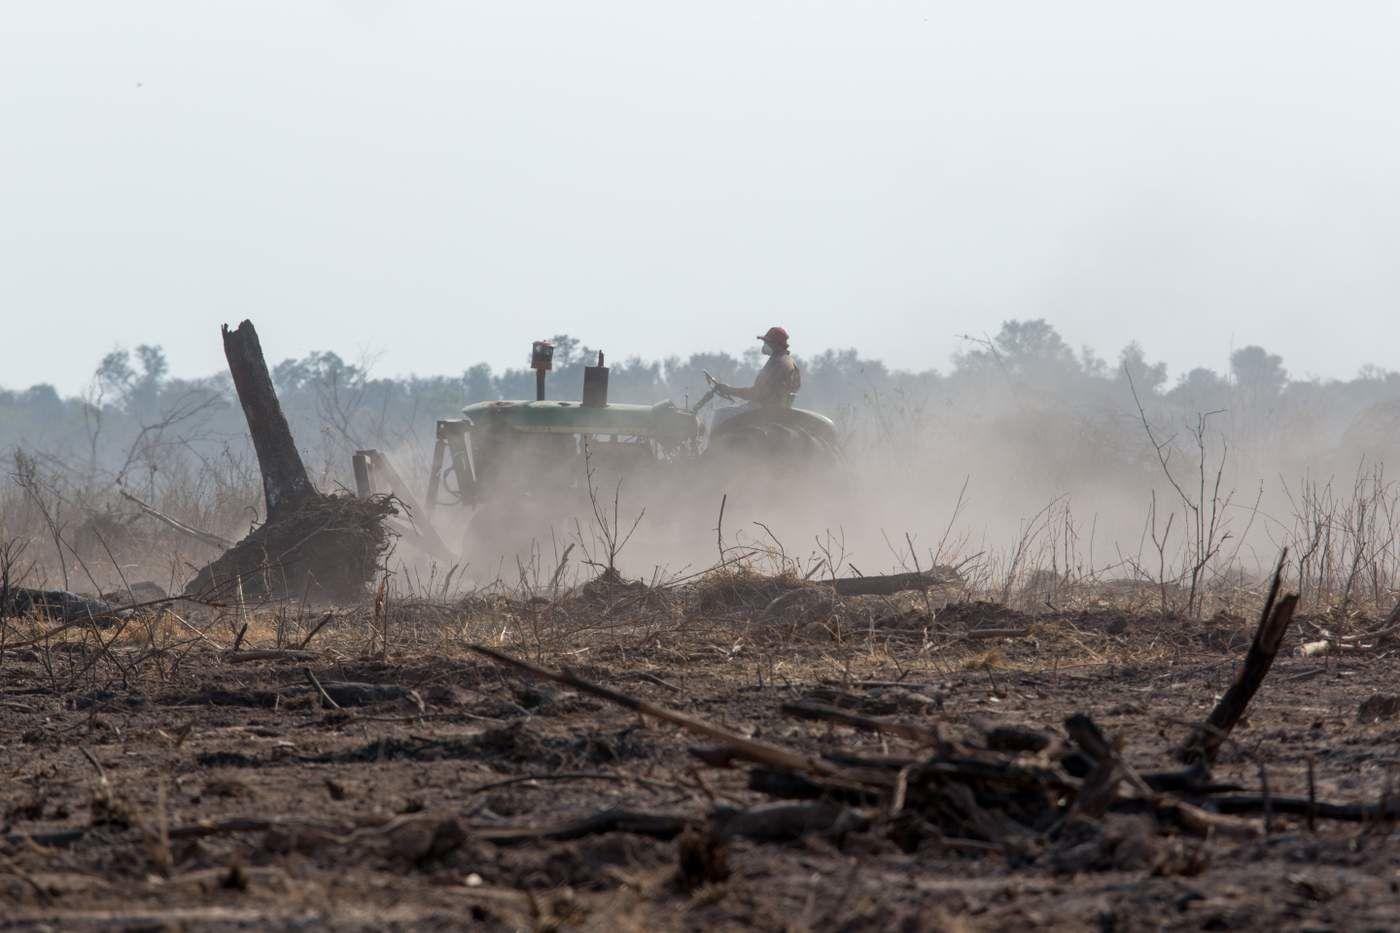 tracteur dégageant ce qu'il reste d'une forêt calcinée juste pour l'avidité des antisociaux marginaux capitalistes